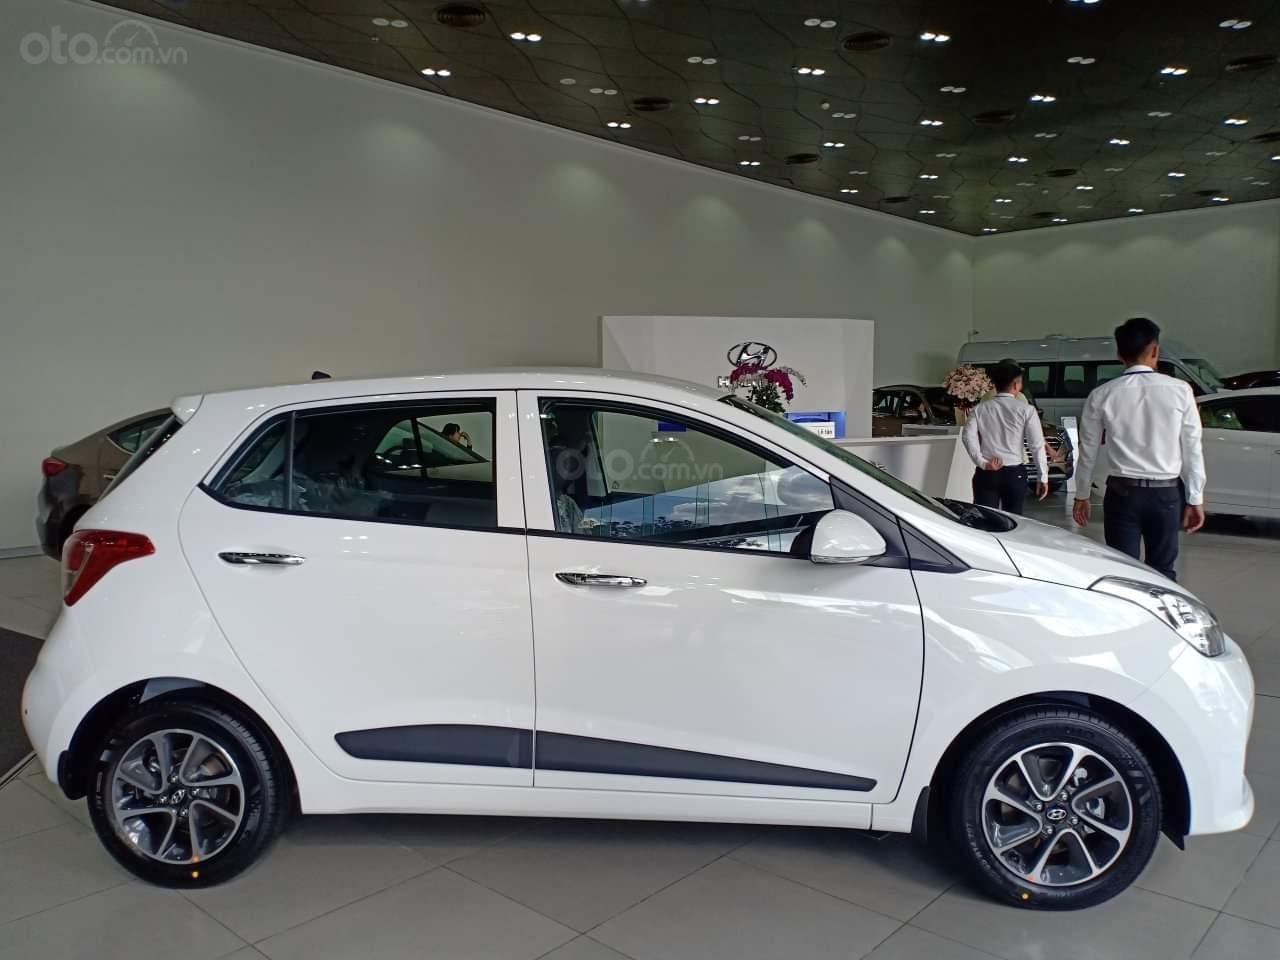 Hyundai Grand i10 giá tốt, nhiều khuyến mãi, quà tặng, hỗ trợ ngân hàng 80% giá xe (4)